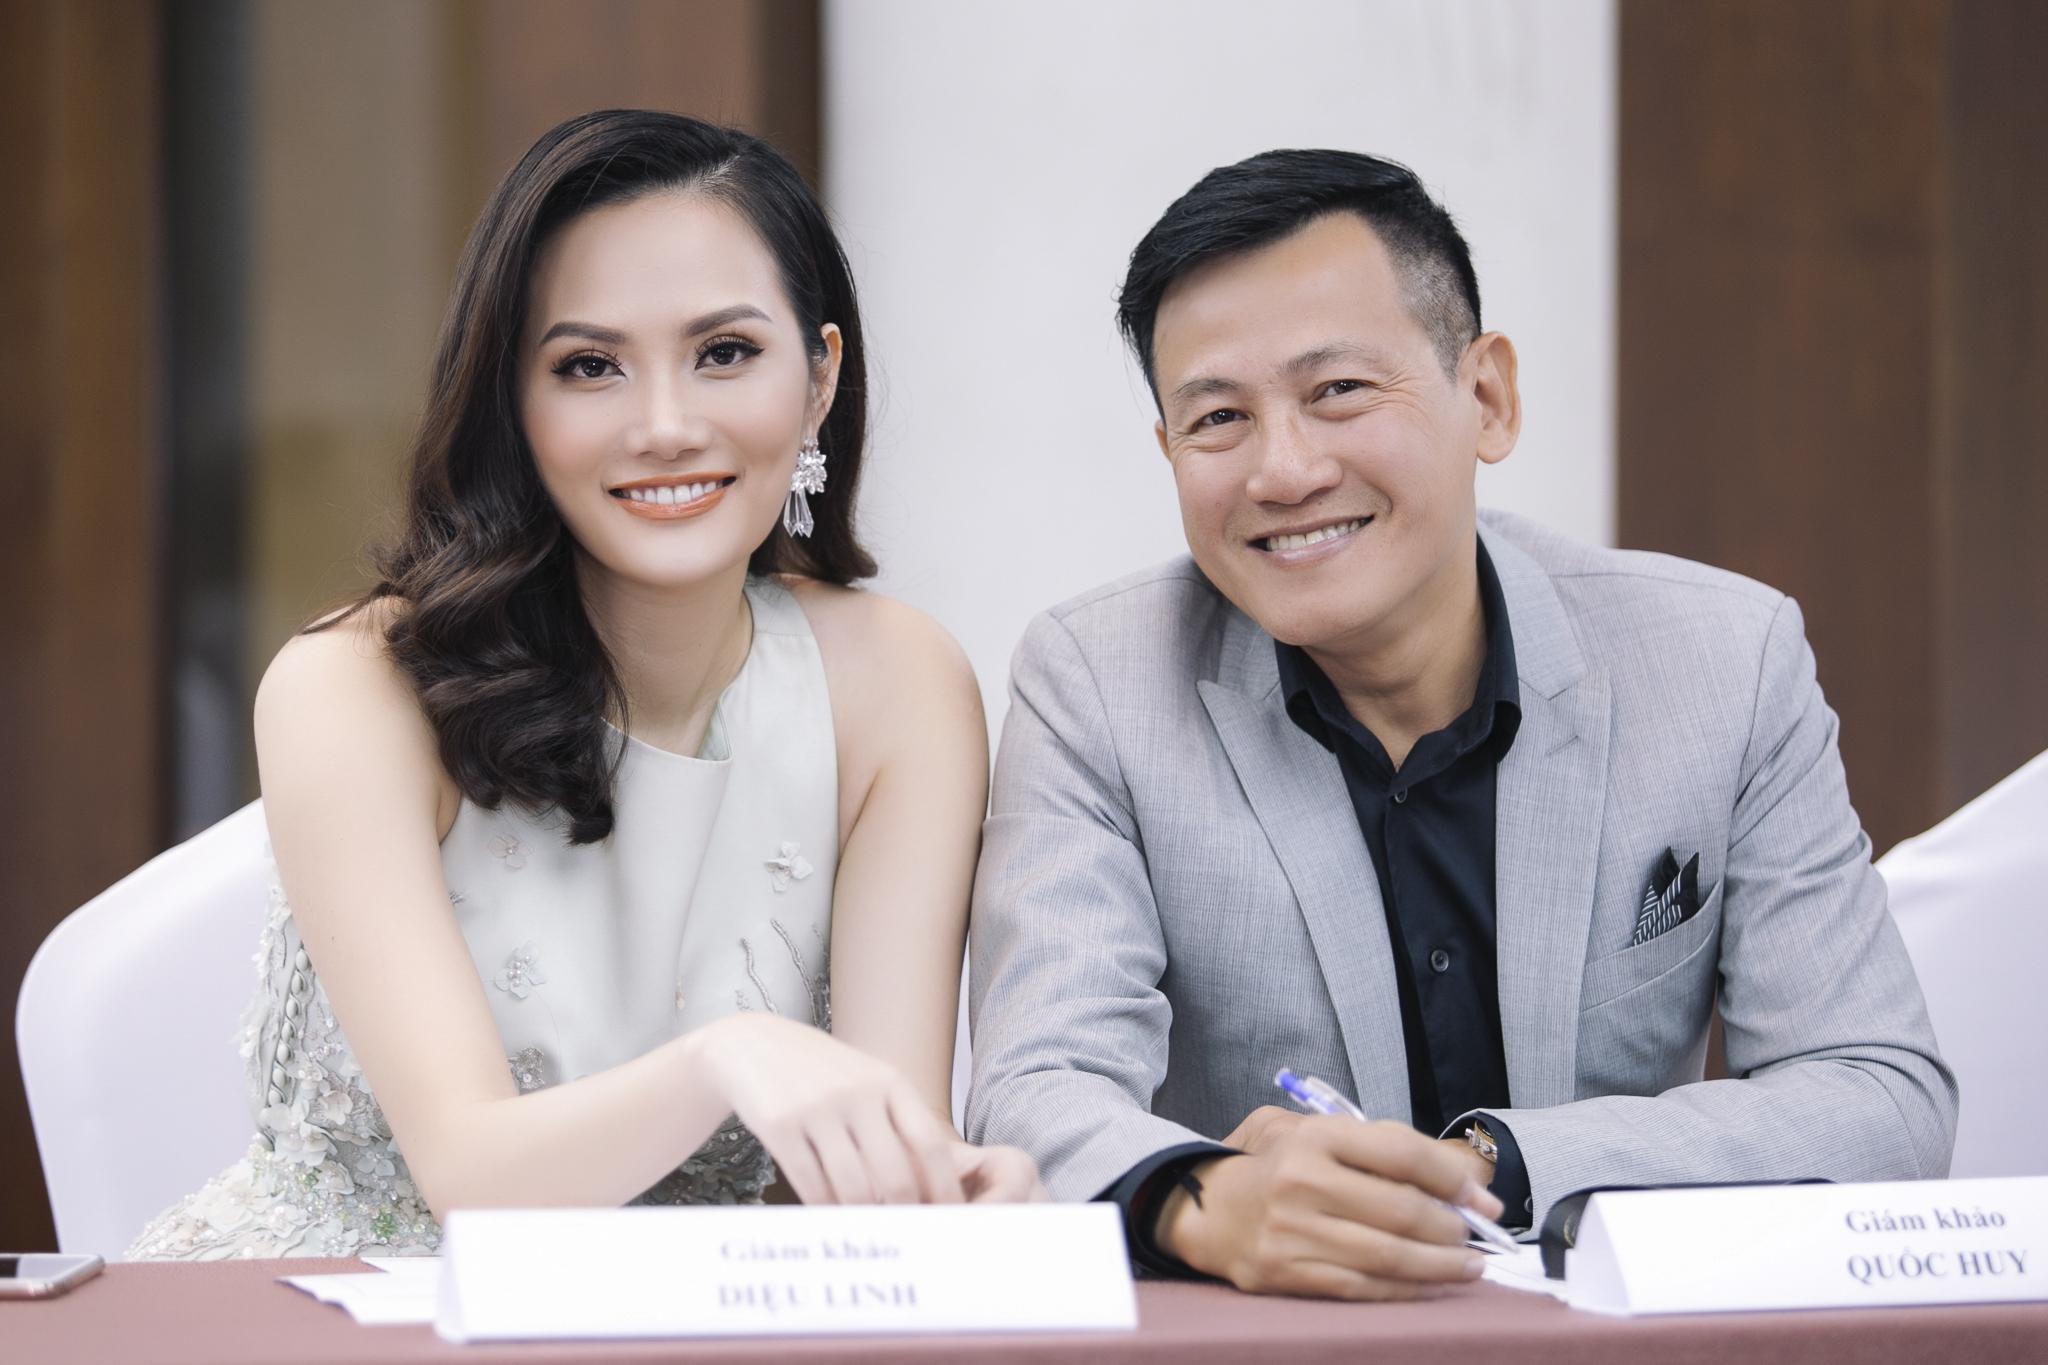 Hà Thu - Diệu Linh ngỡ ngàng trước tài năng của người đẹp Việt 6